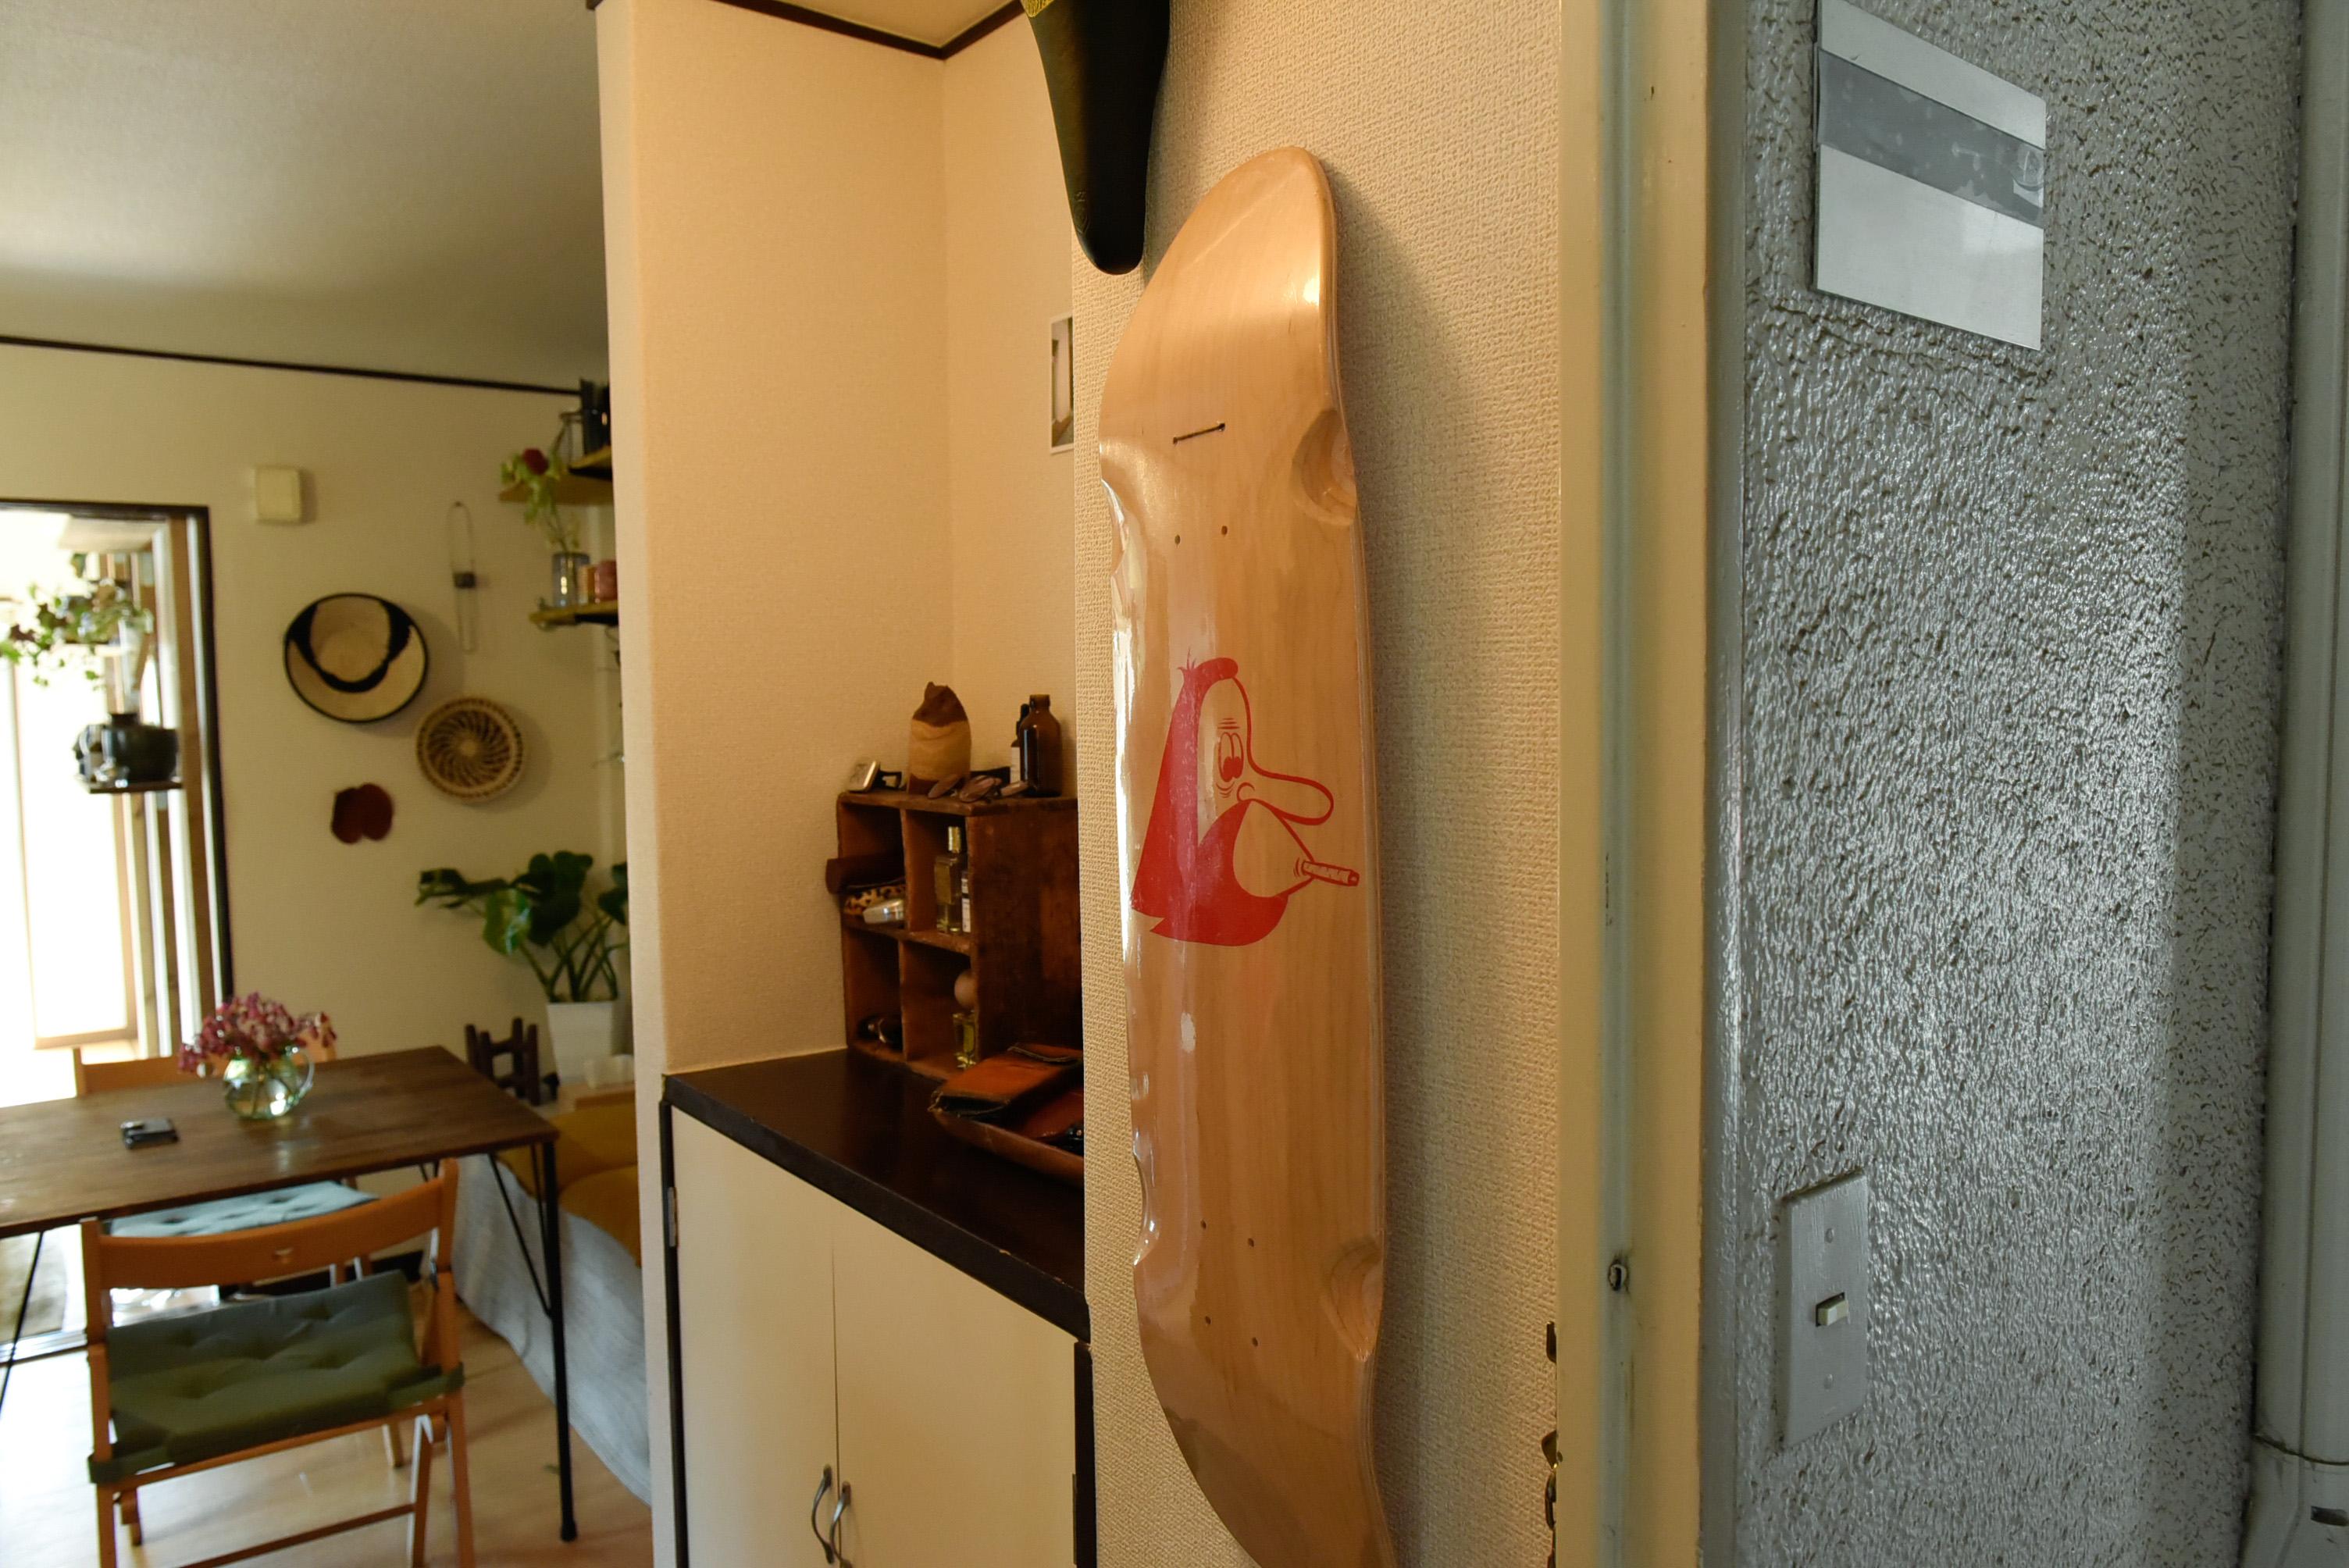 不便なところは、ひと手間掛けて楽しむ。観葉植物とスパイスに囲まれた25㎡のふたり暮らし(世田谷)|みんなの部屋